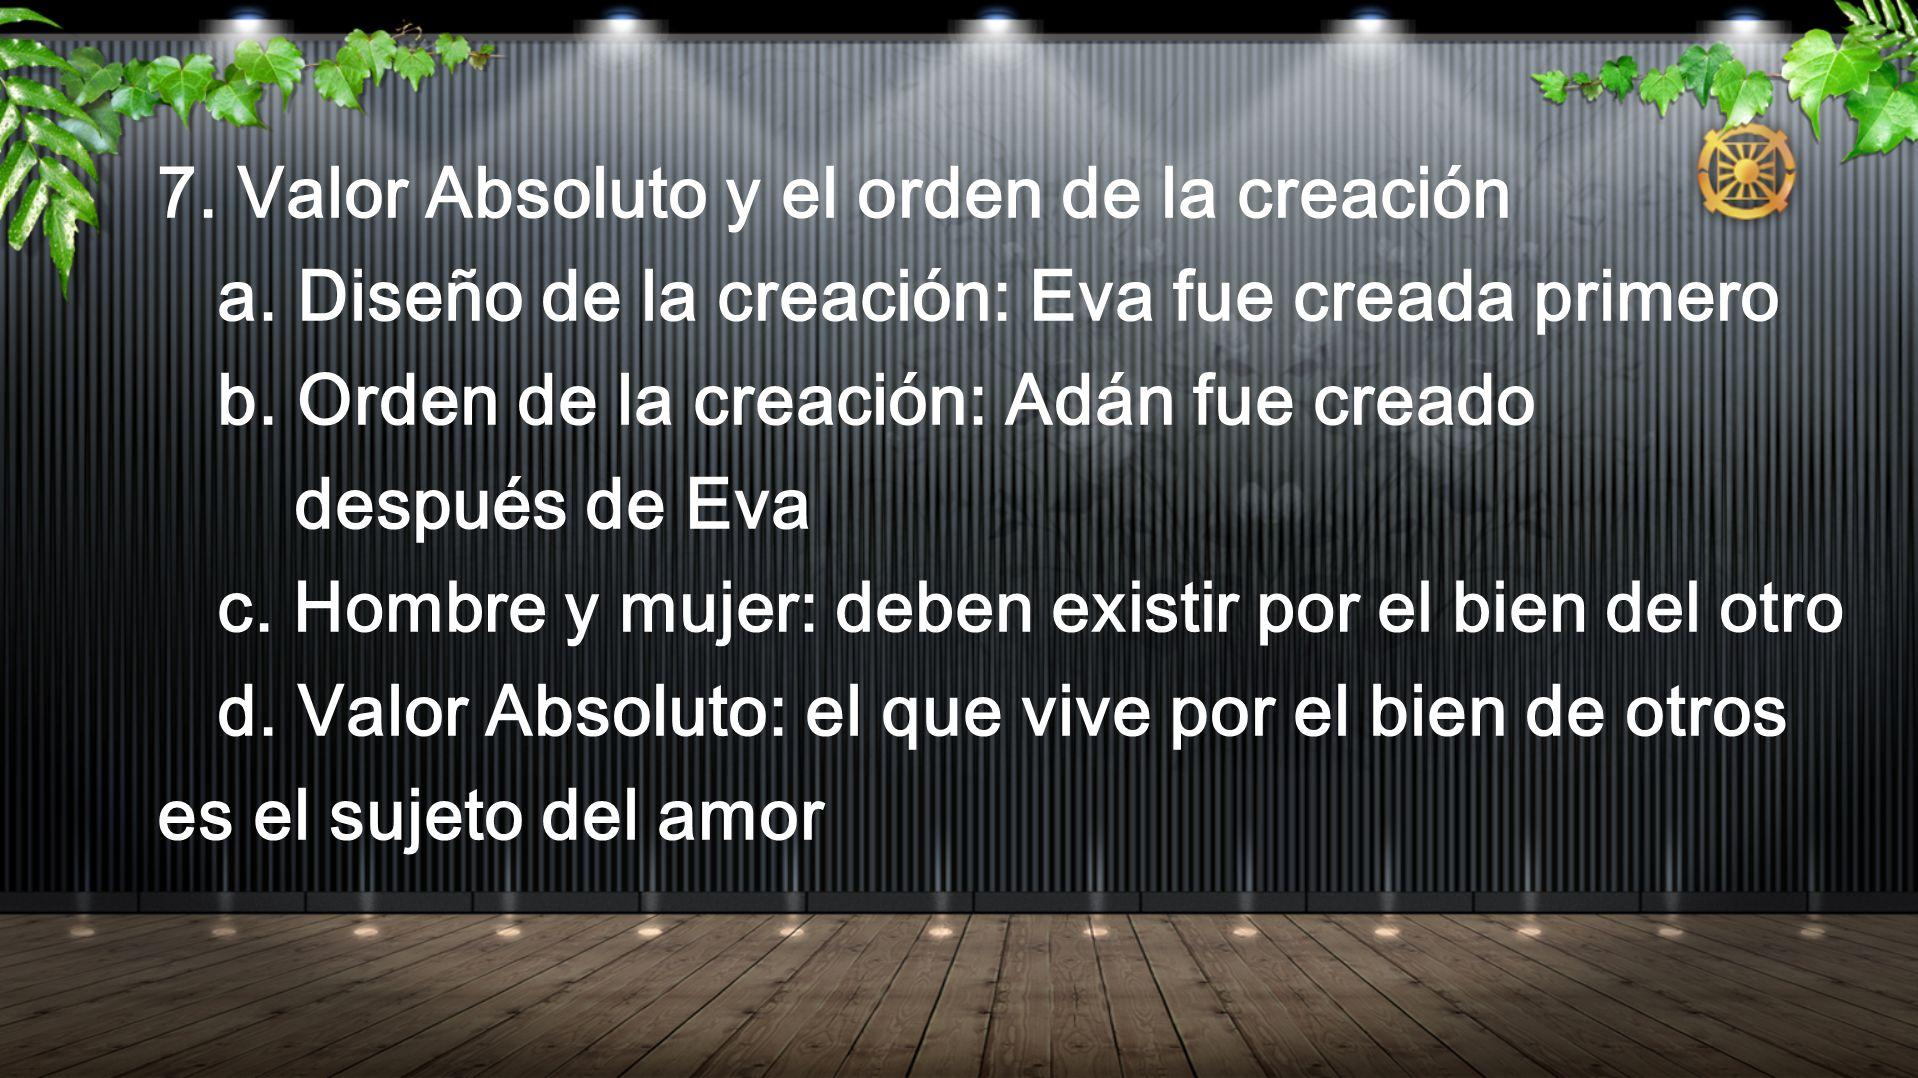 7. Valor Absoluto y el orden de la creación